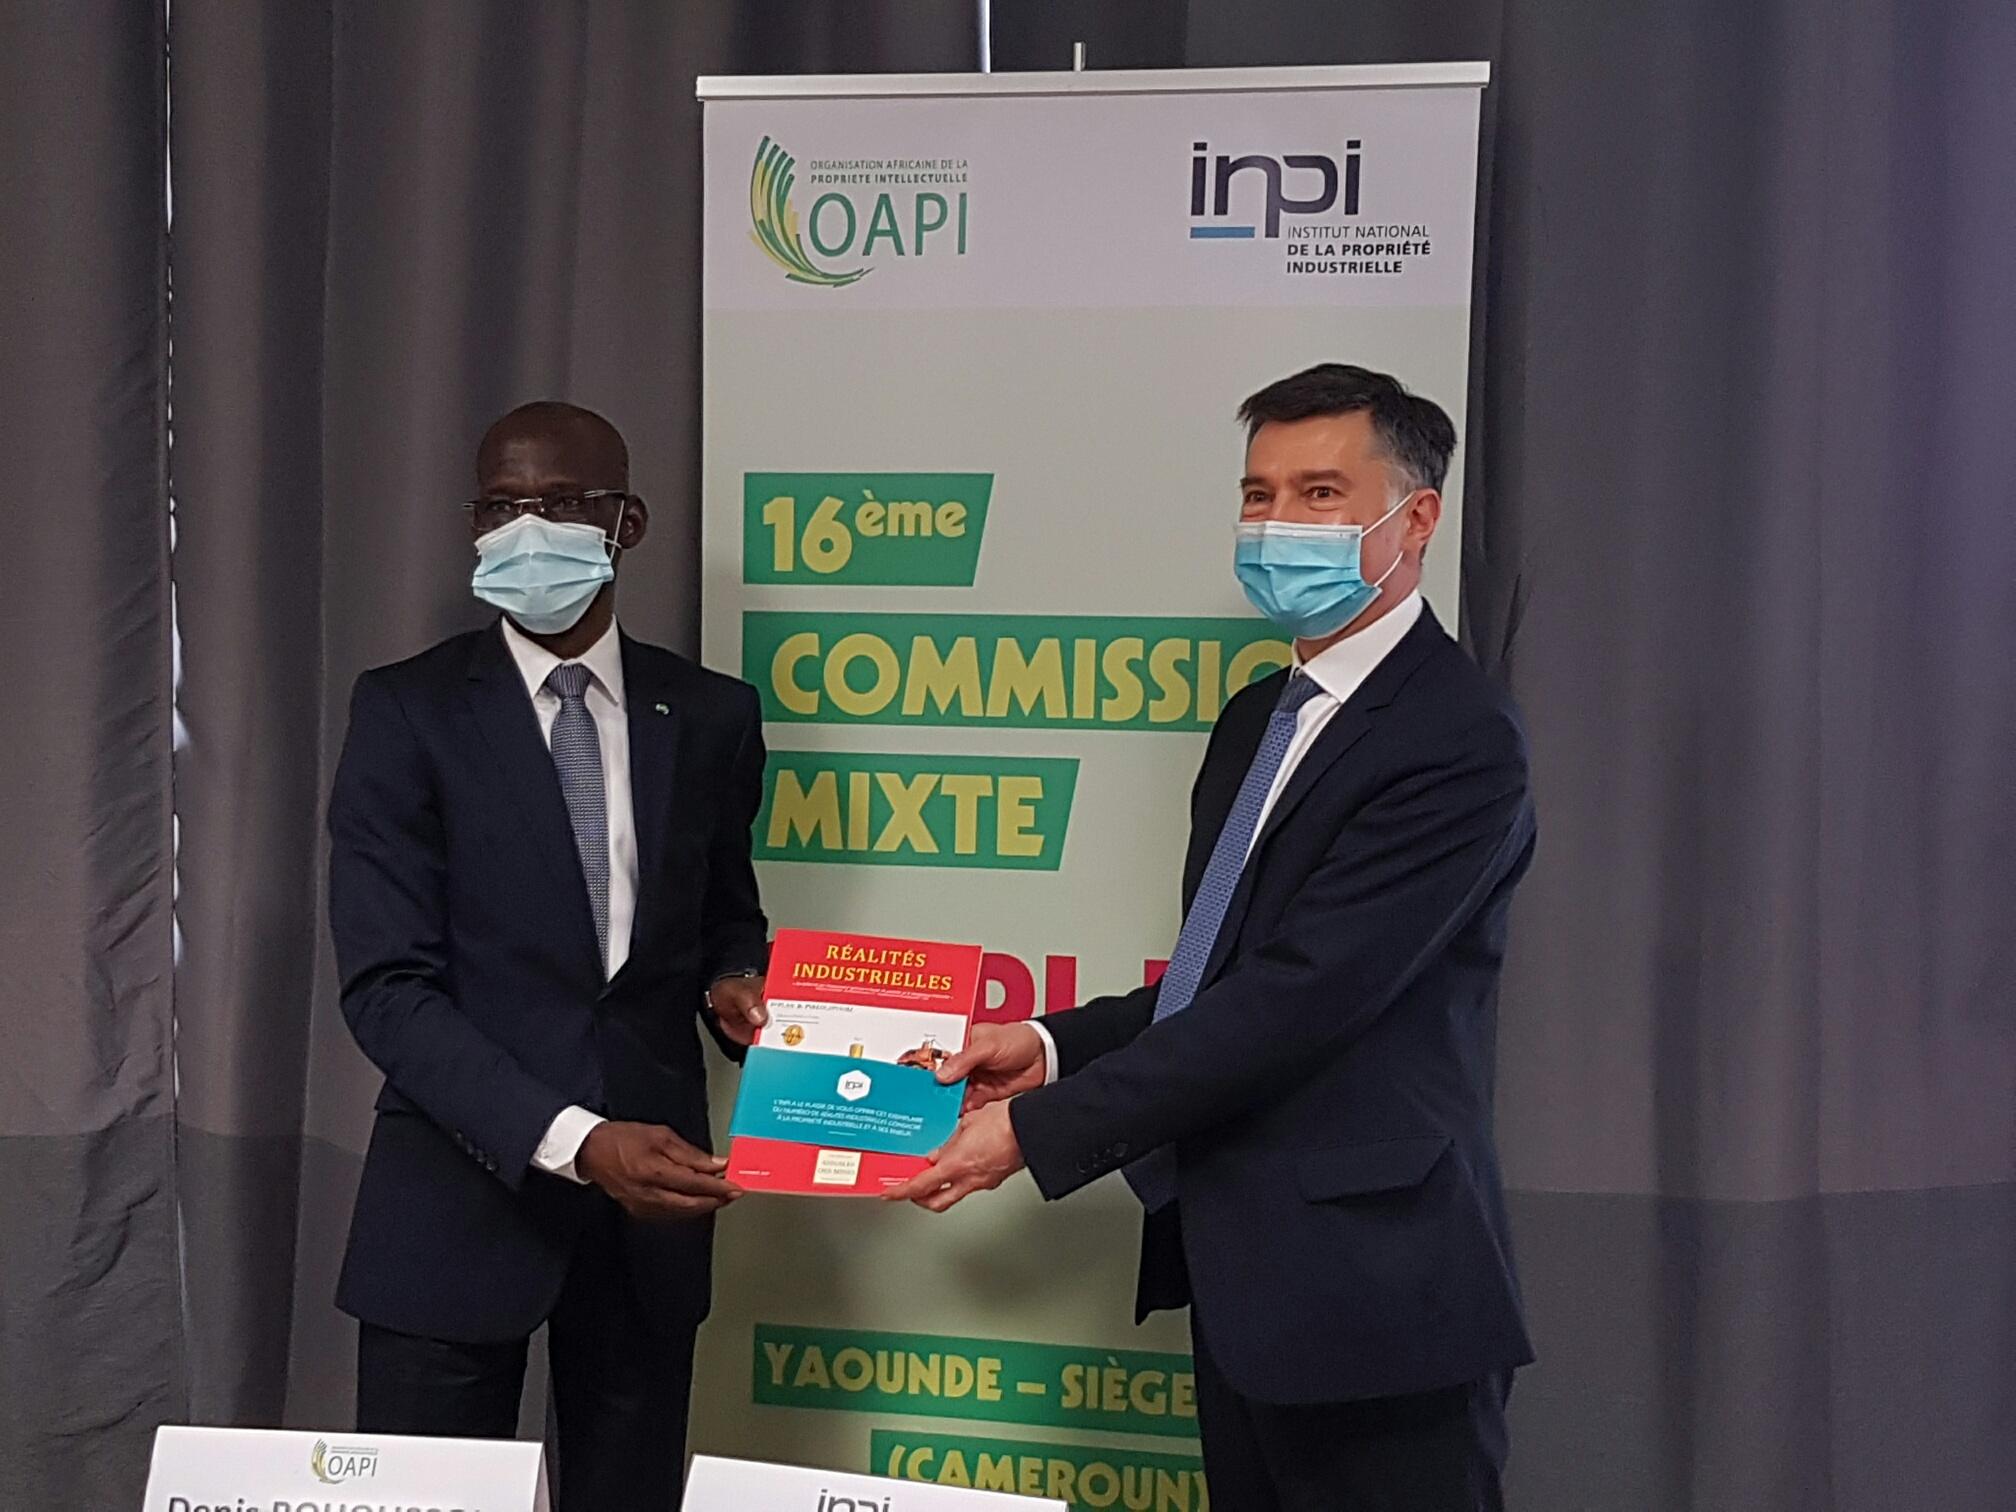 Crédit image INPI / Denis Bohoussou, directeur de l'OAPI et Pascal Faure, directeur de l'INPI